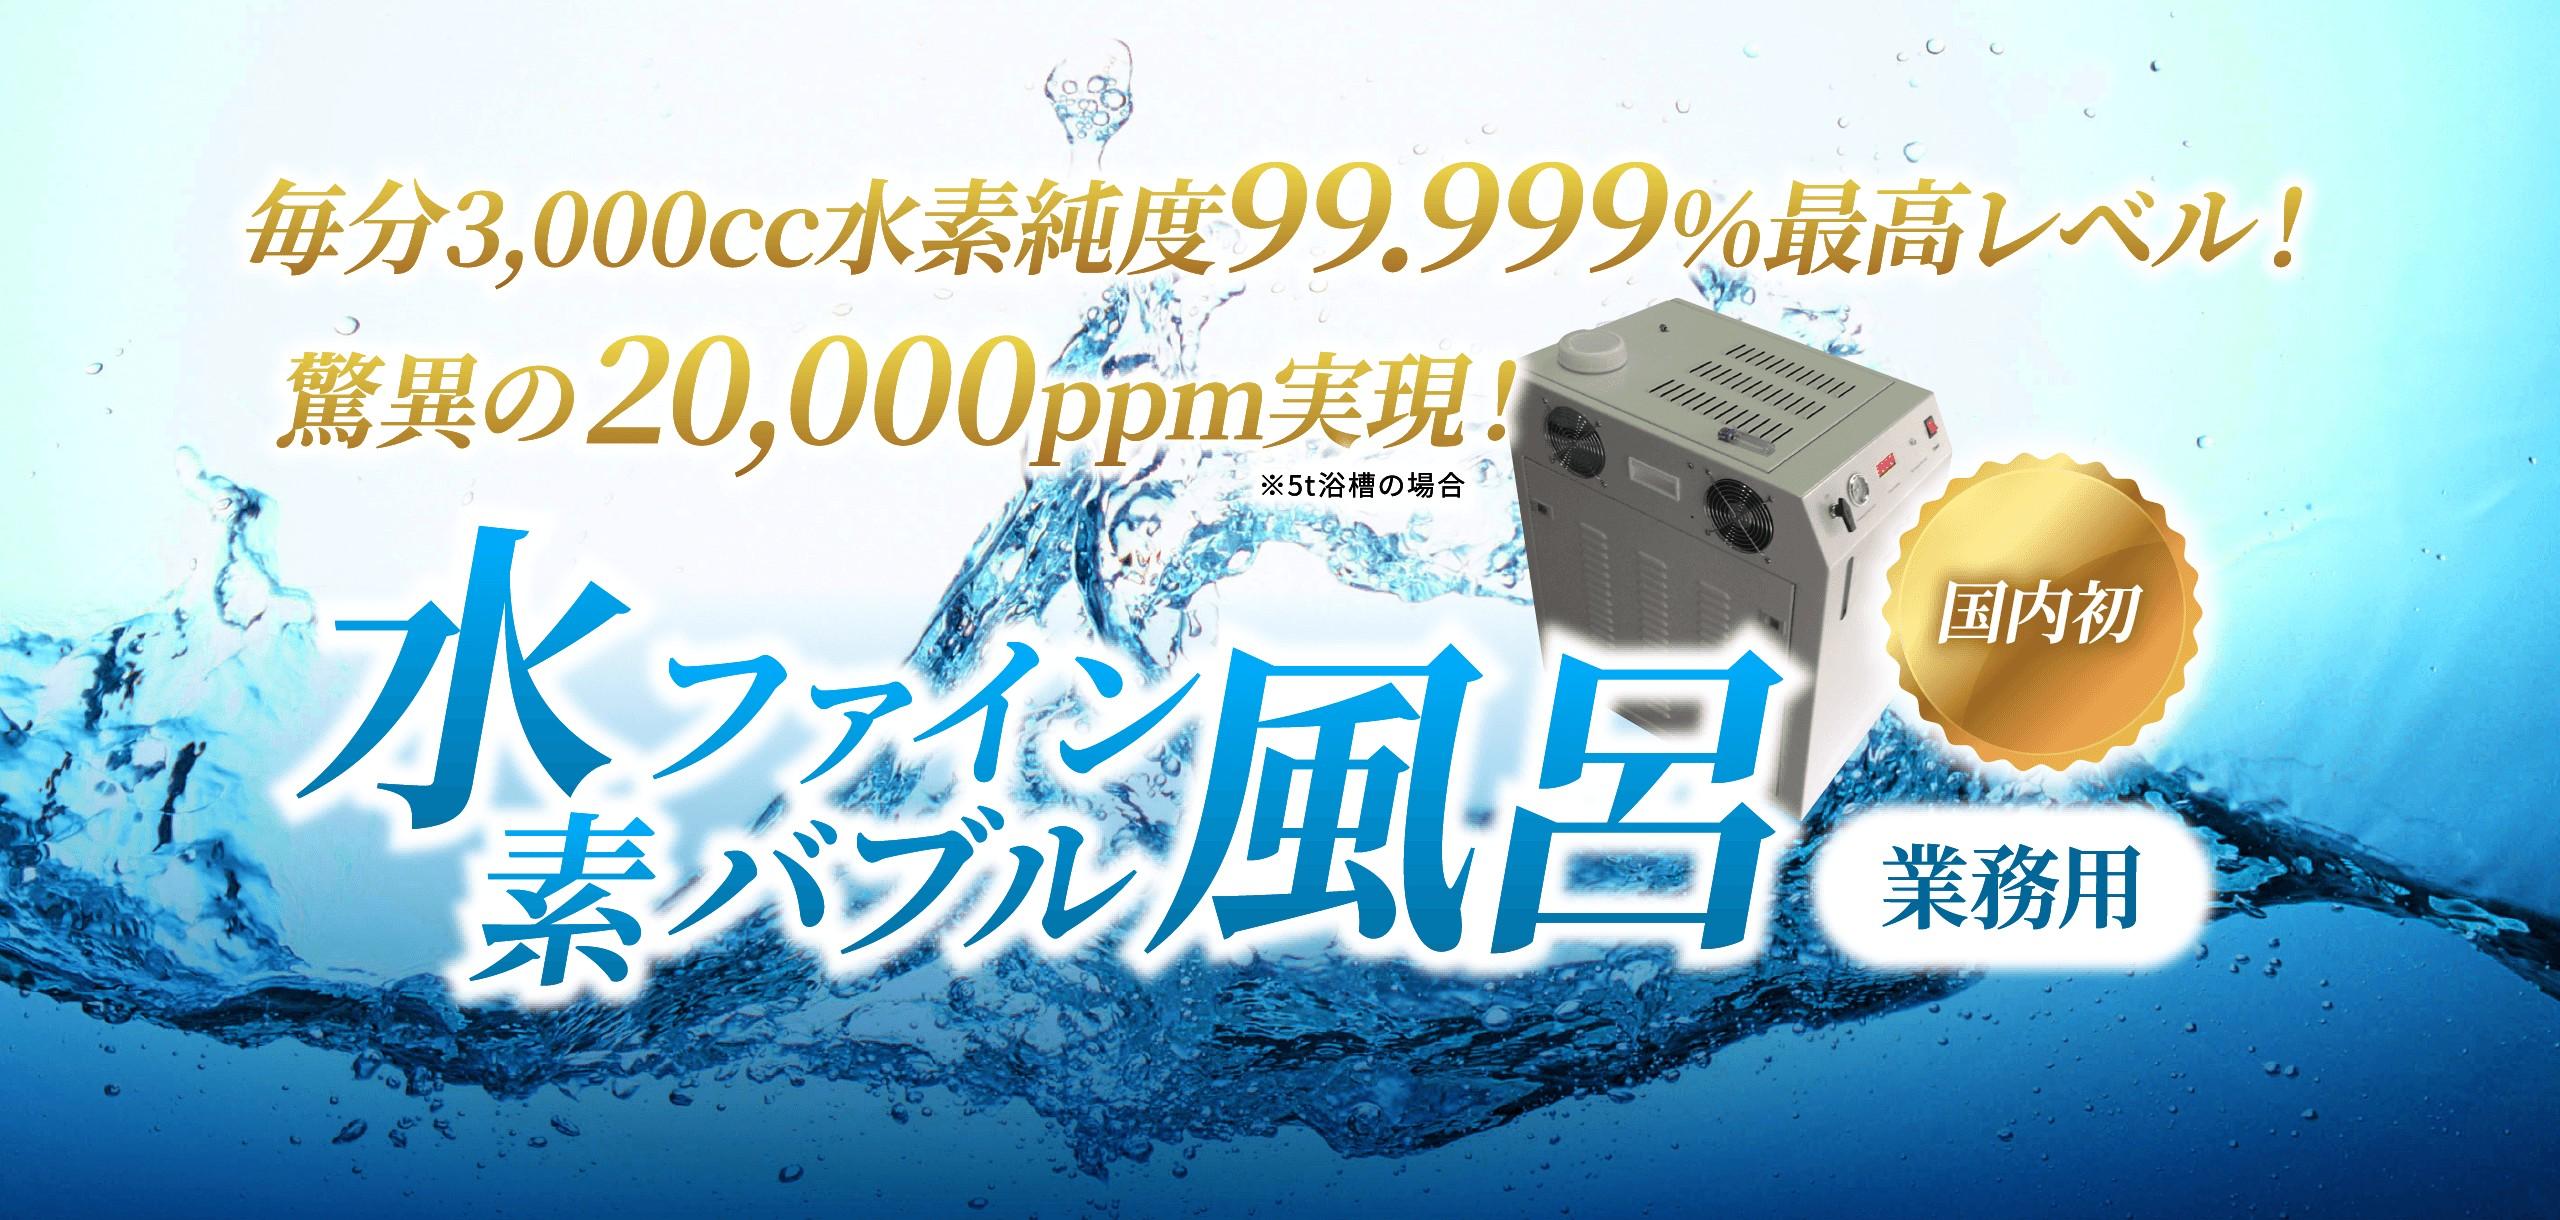 毎分3,000cc水素純度99.999%最高レベル! 驚異の20,000ppm実現! ※5t浴槽の場合 水素 ファインバブル 風呂 国内初 業務用